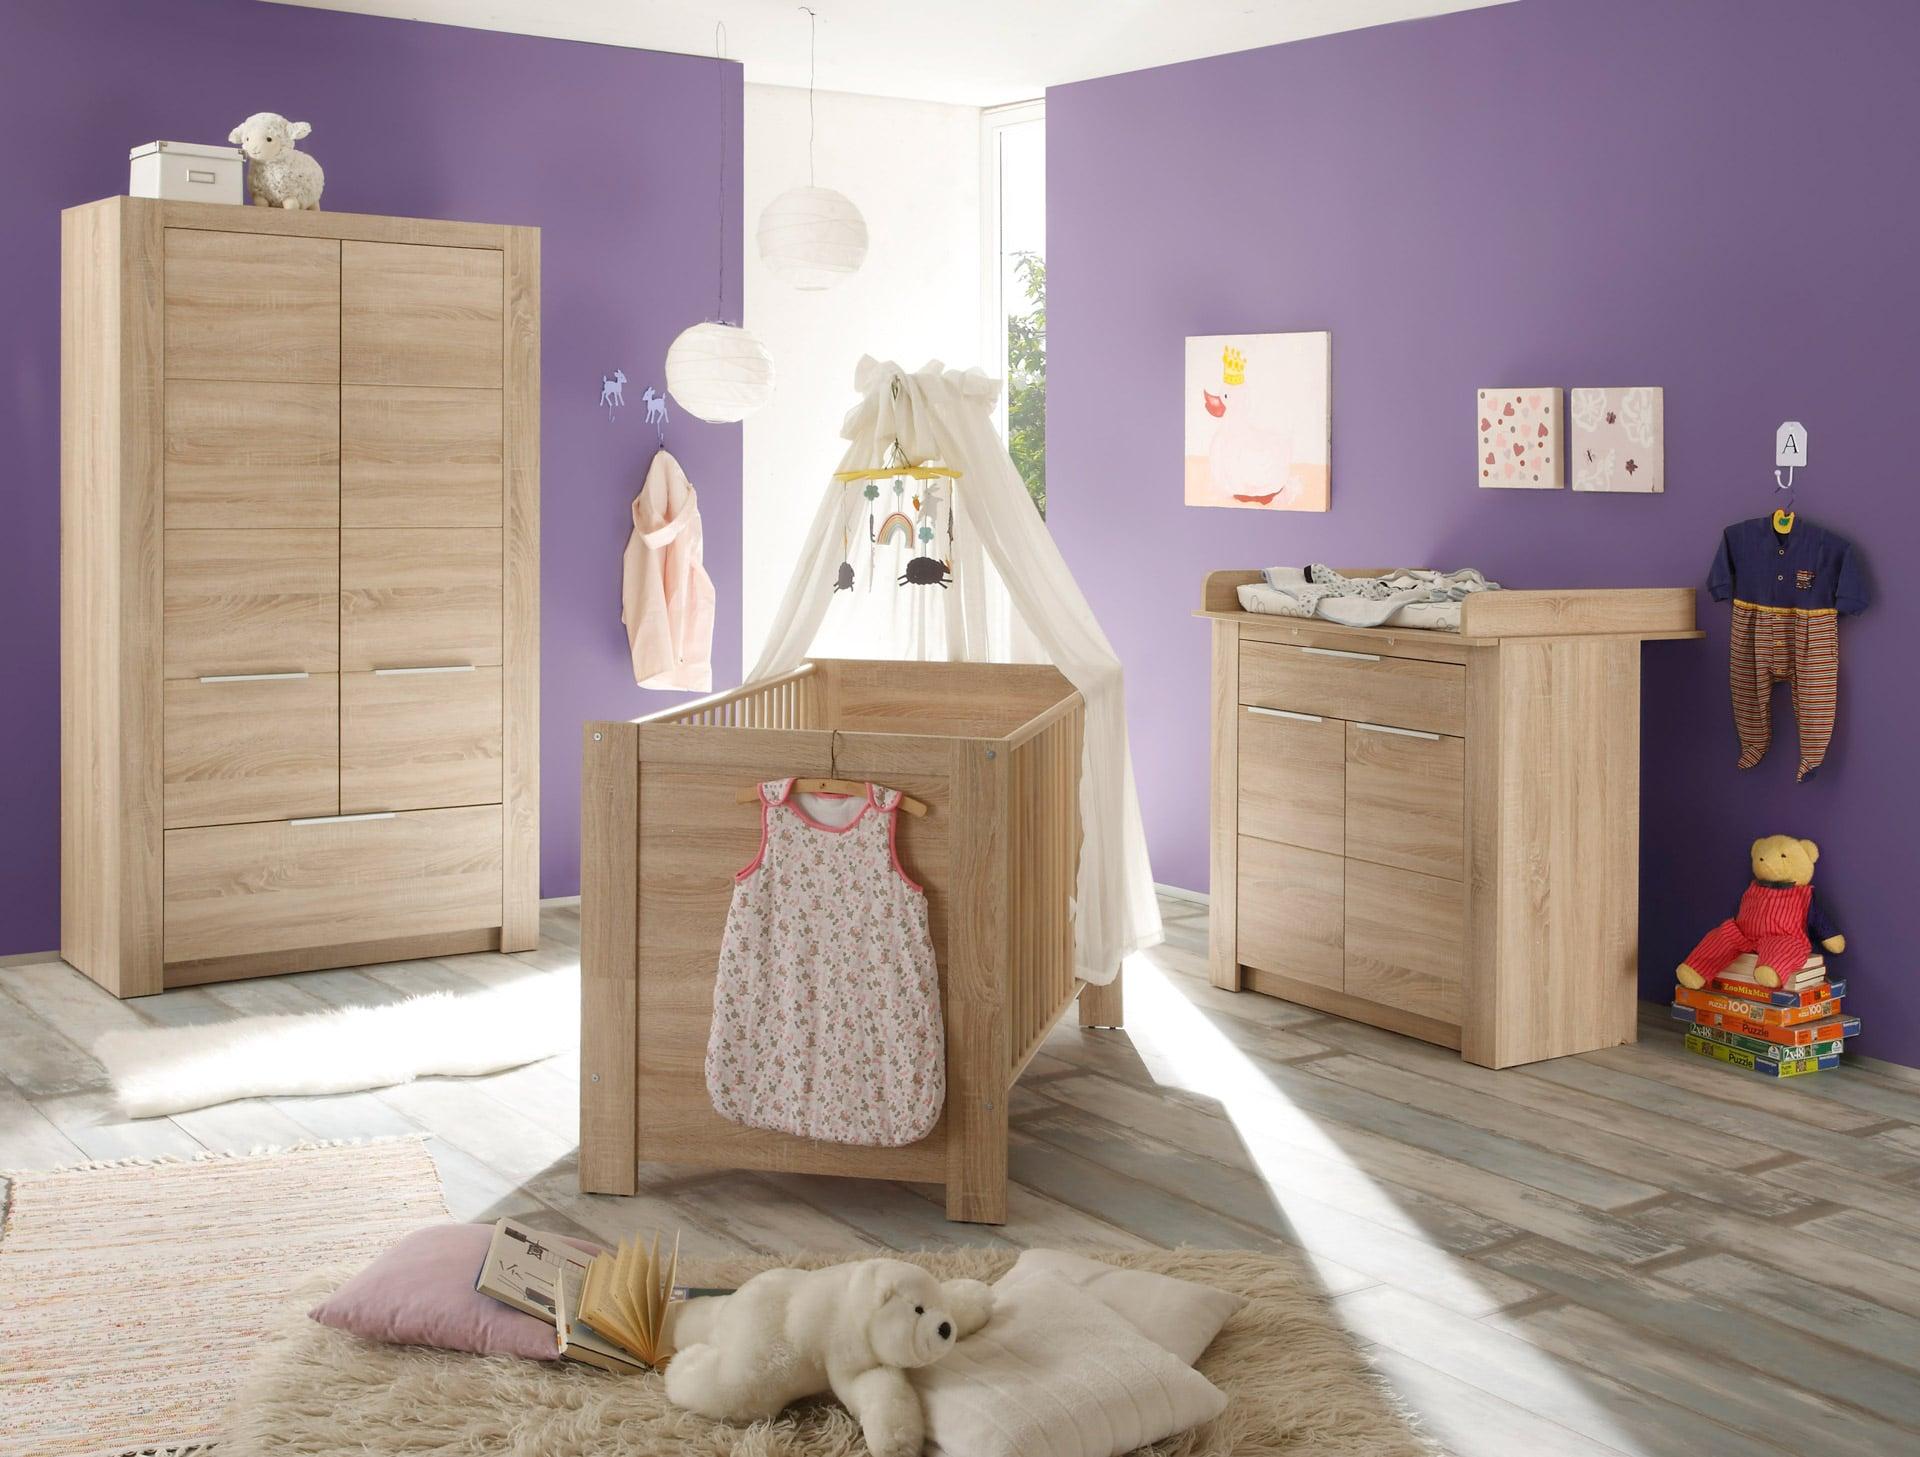 inspiration d coration pour la chambre de b b. Black Bedroom Furniture Sets. Home Design Ideas